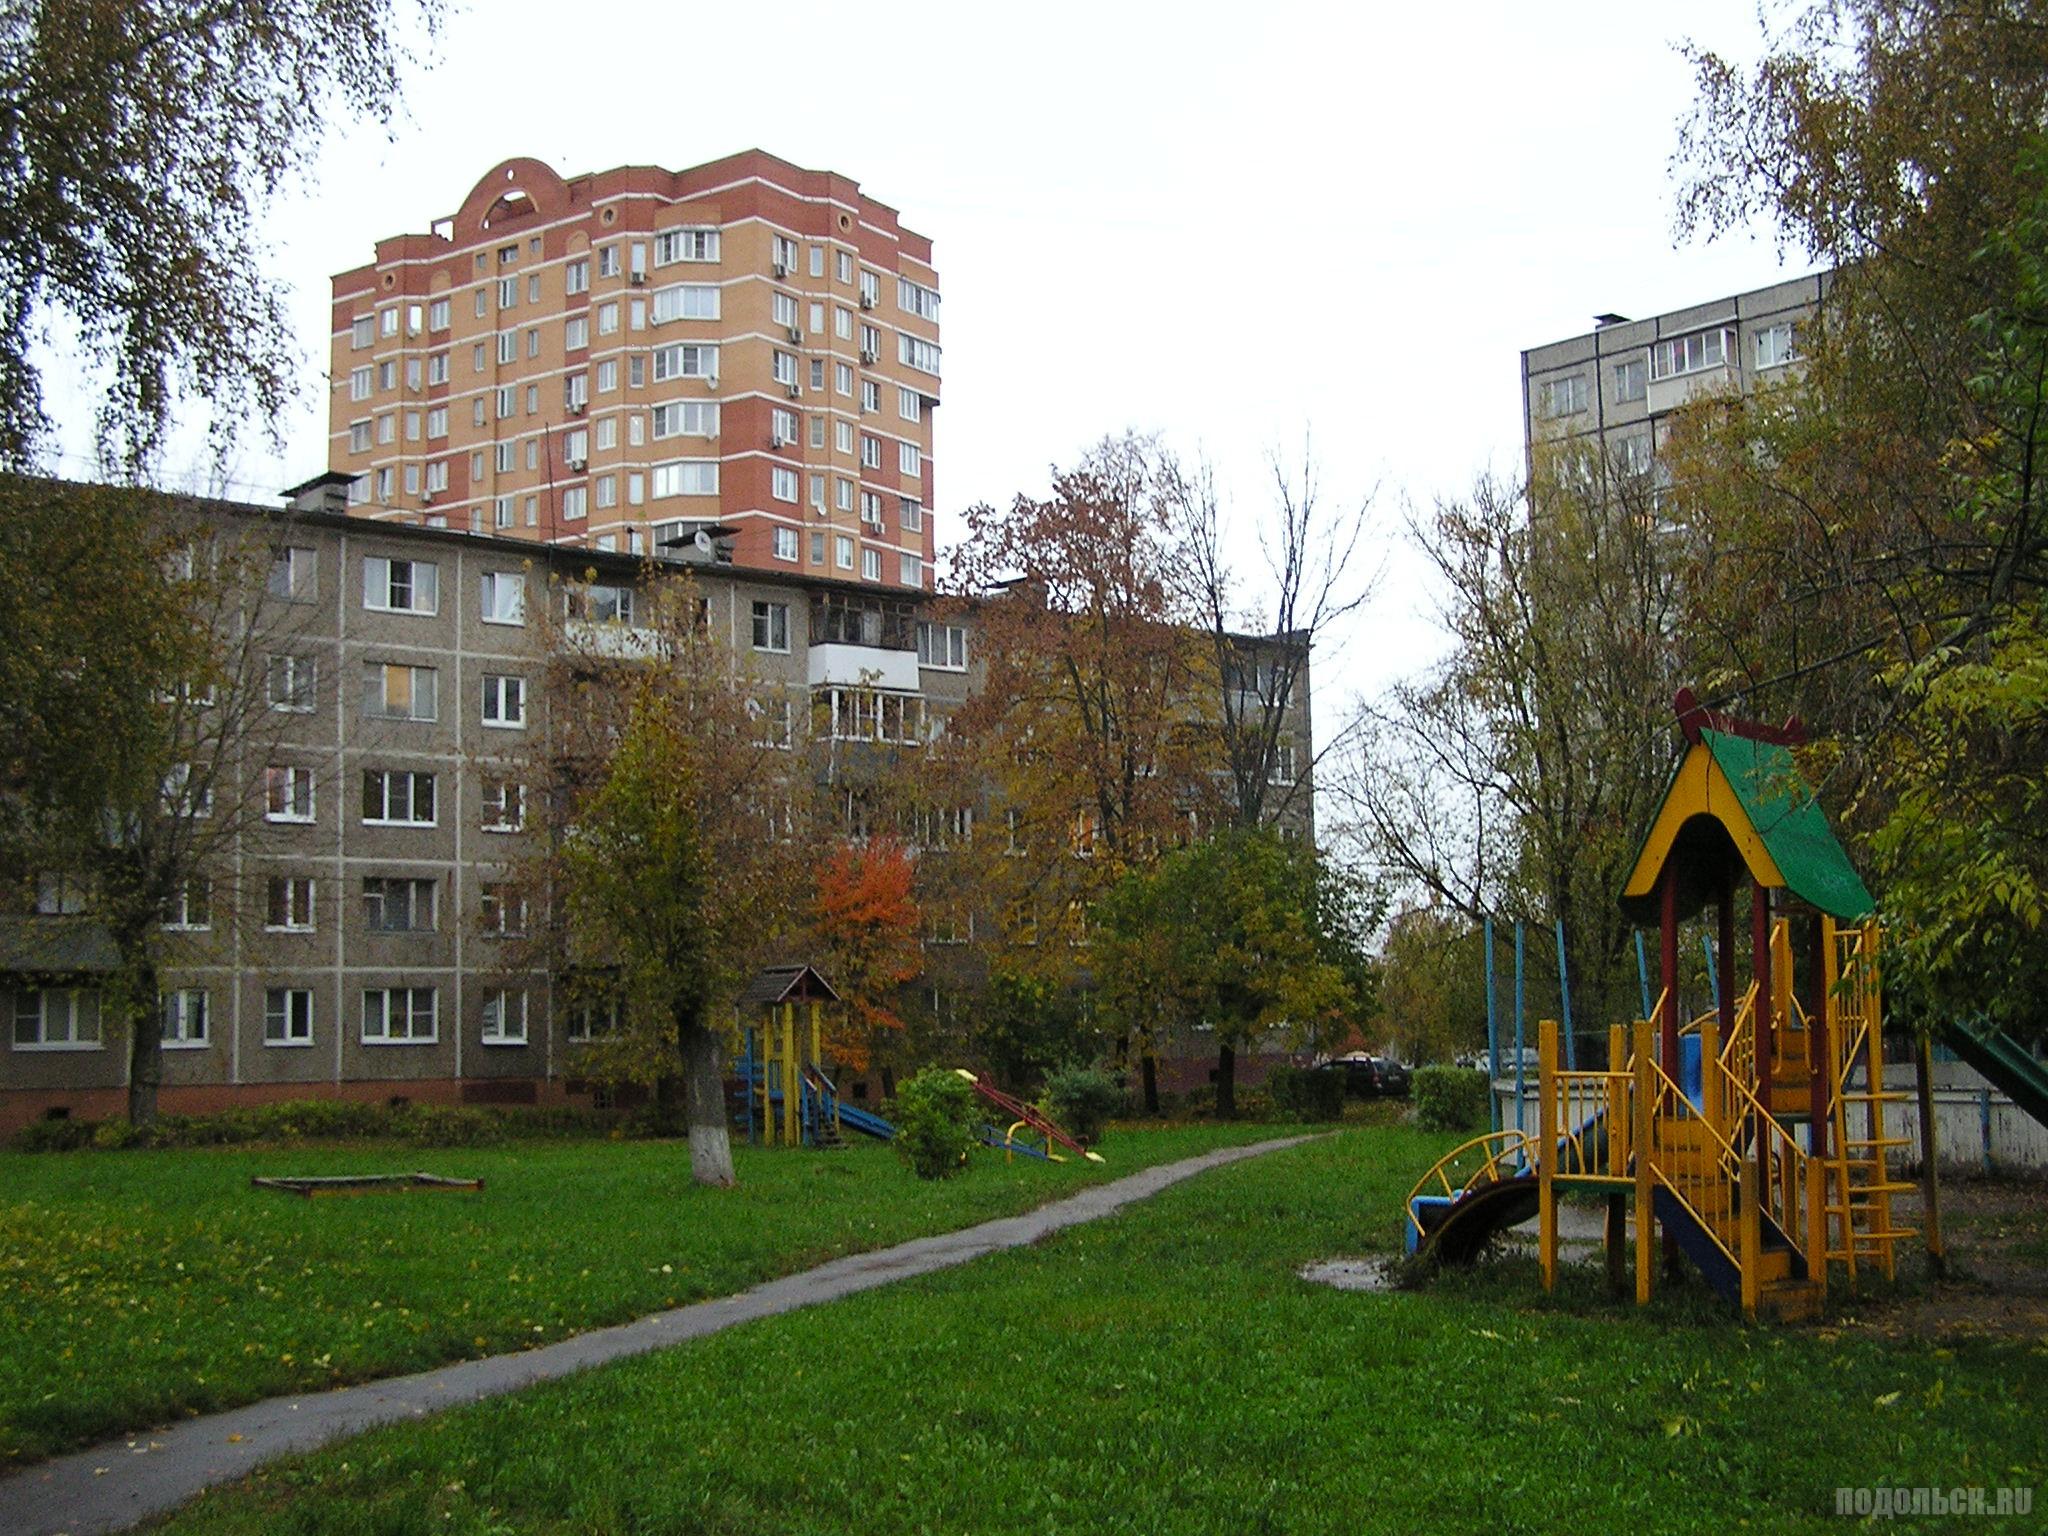 Ленинградская улица/ Октябрьский проспект. 4 октября 2016 г.